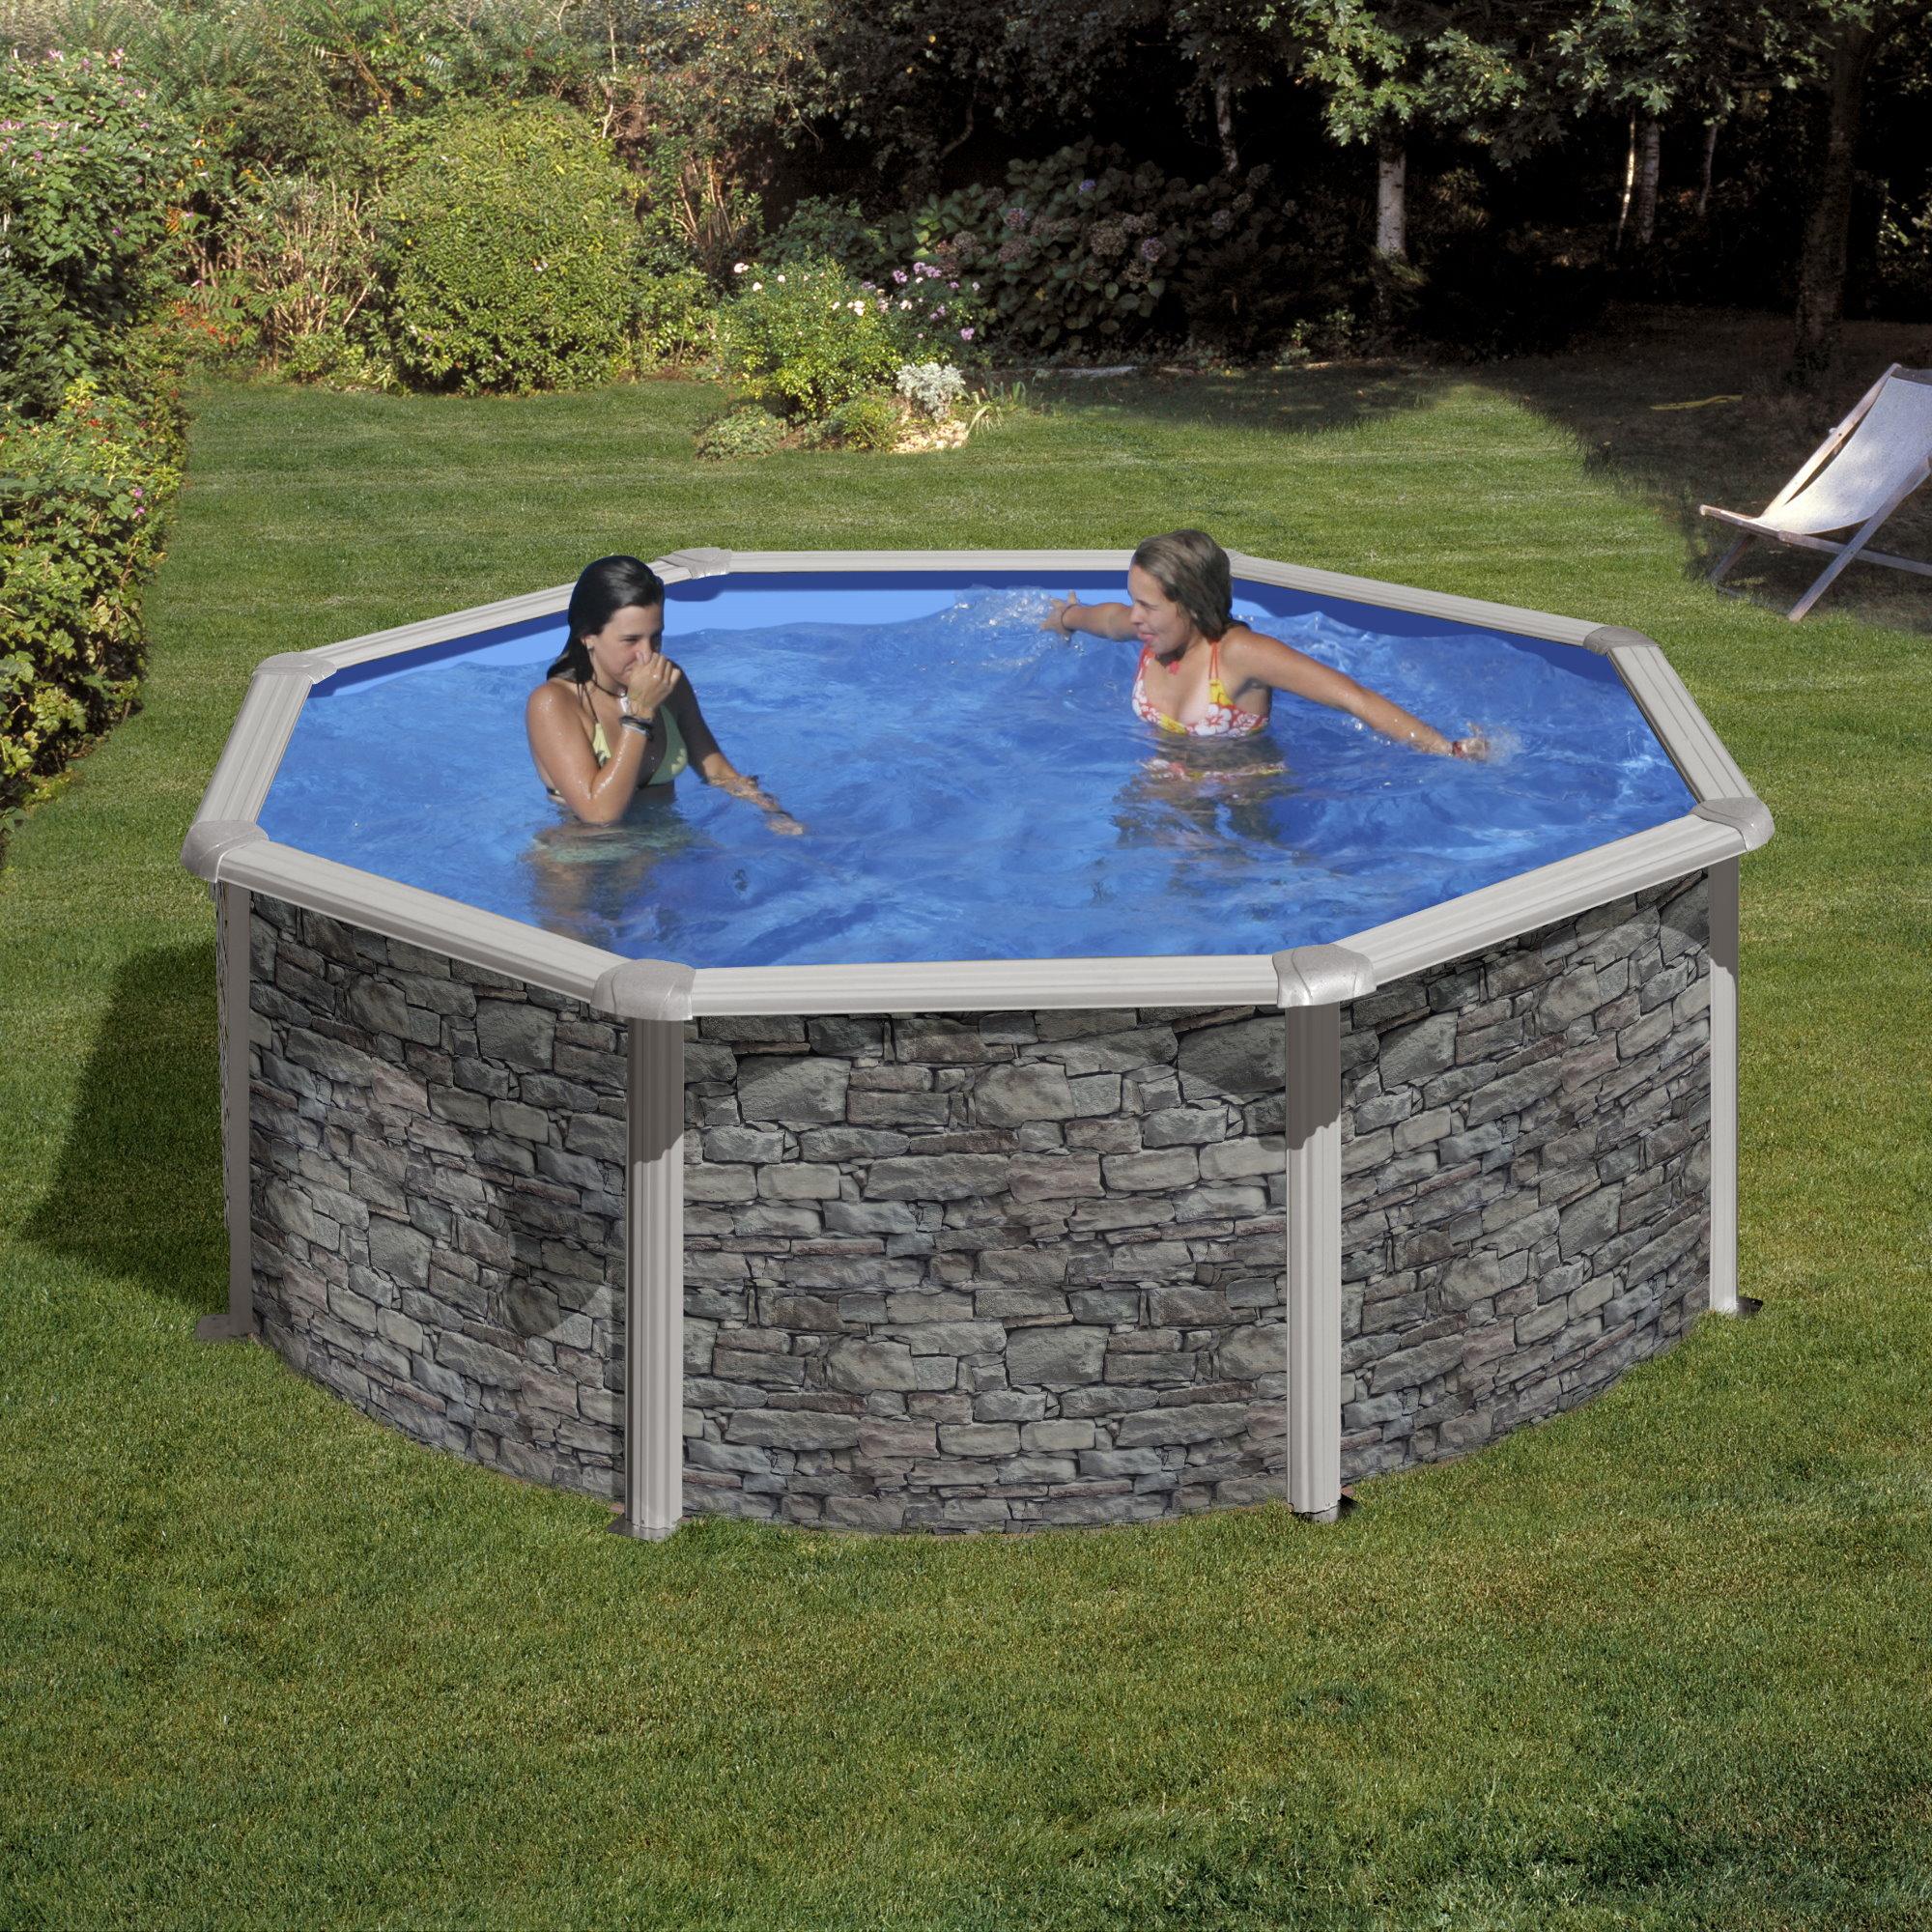 Rundformbeckenset steinoptik cerdena 460 x 120 cm pool for Poolfolie 460 x 120